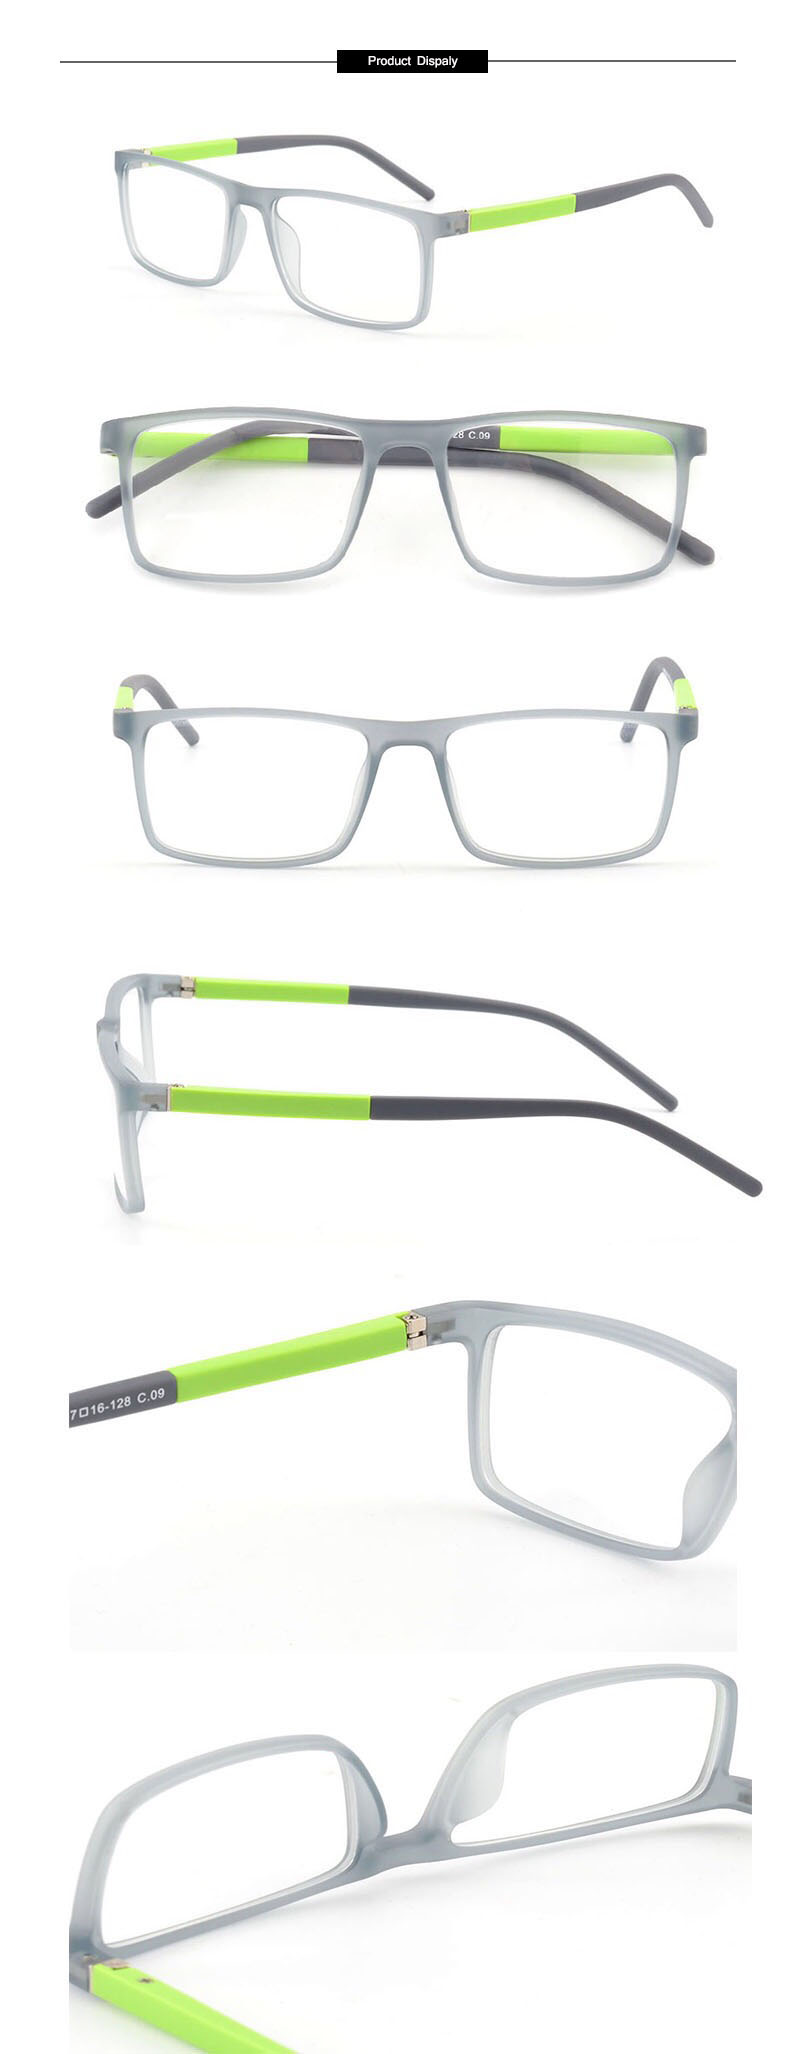 Kirka Kids Glasses TR Eyewear Frames Children Glasses Frames Kids Eyeglass Frames Flexible Soft Optical Glasses Children Frame (9)